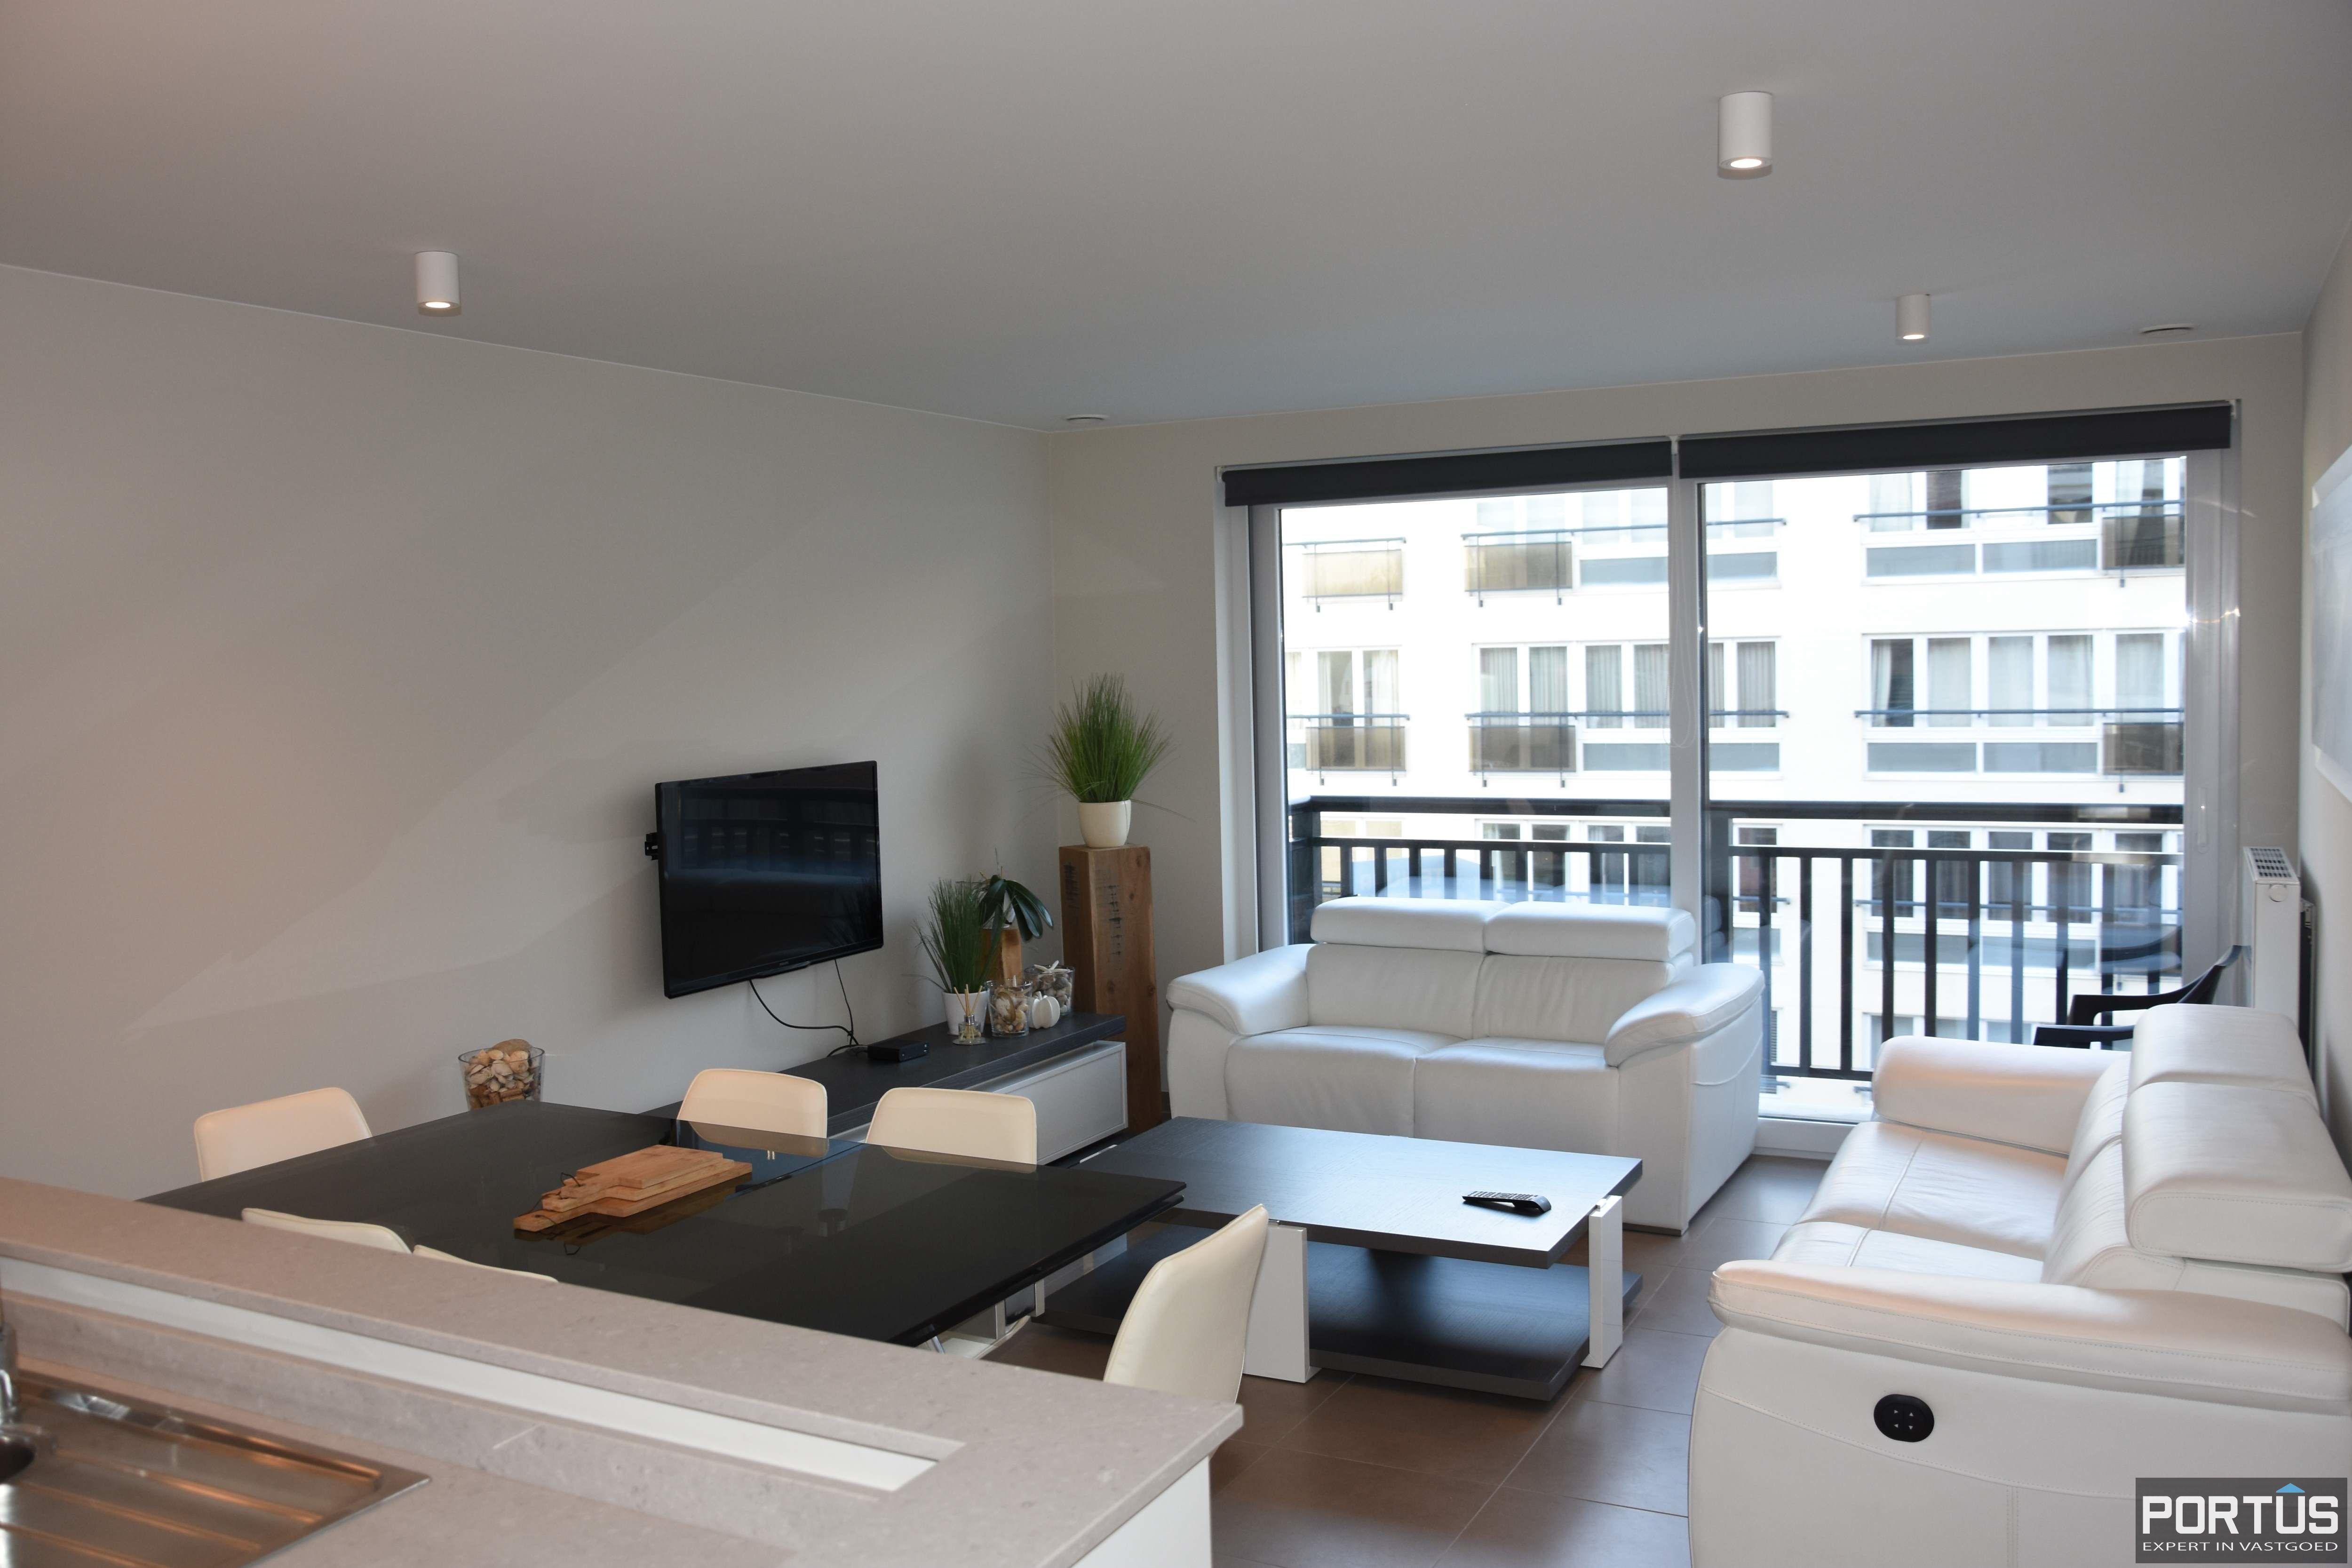 Nieuwbouwappartement te huur met 2 slaapkamers. - 12220